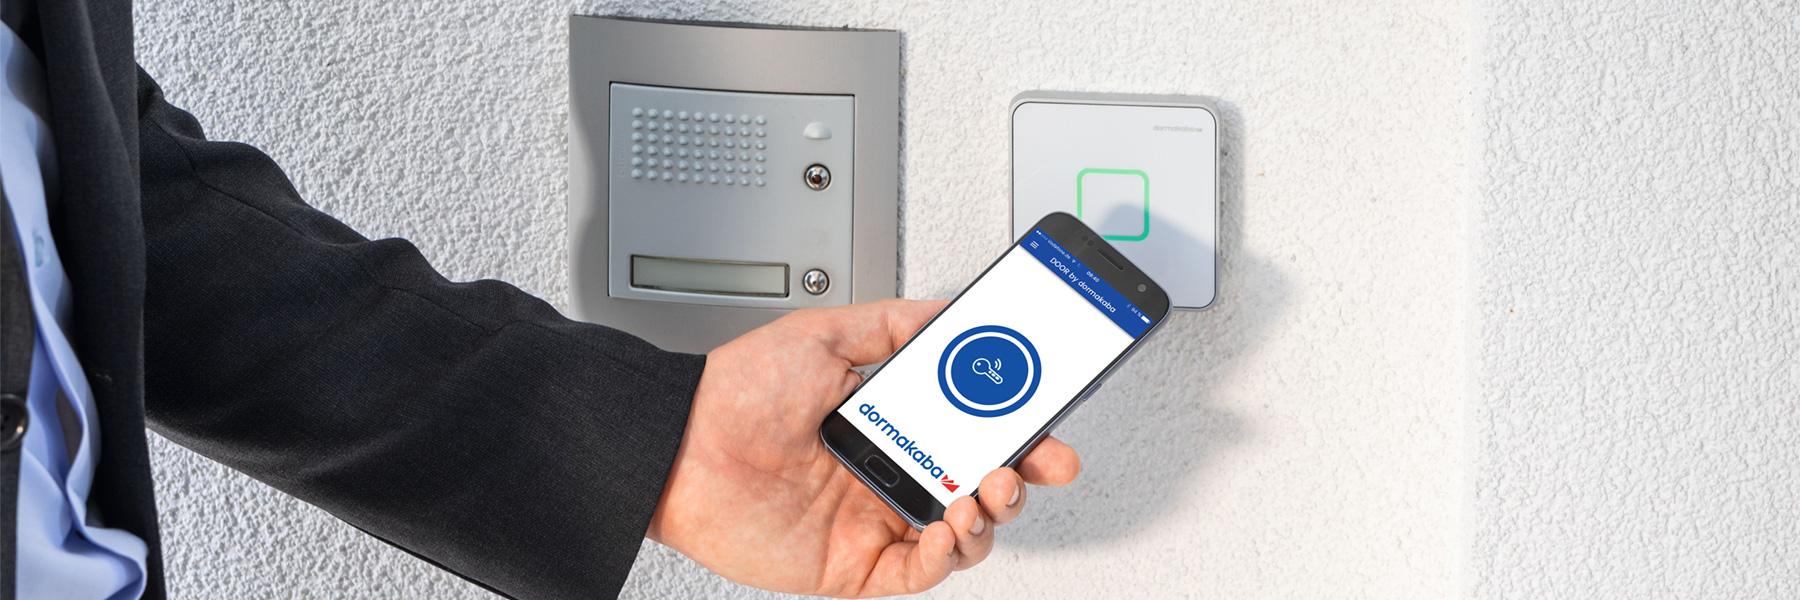 Slider Dormakaba Evolo Smart Mobiles Tuerschliesssystem